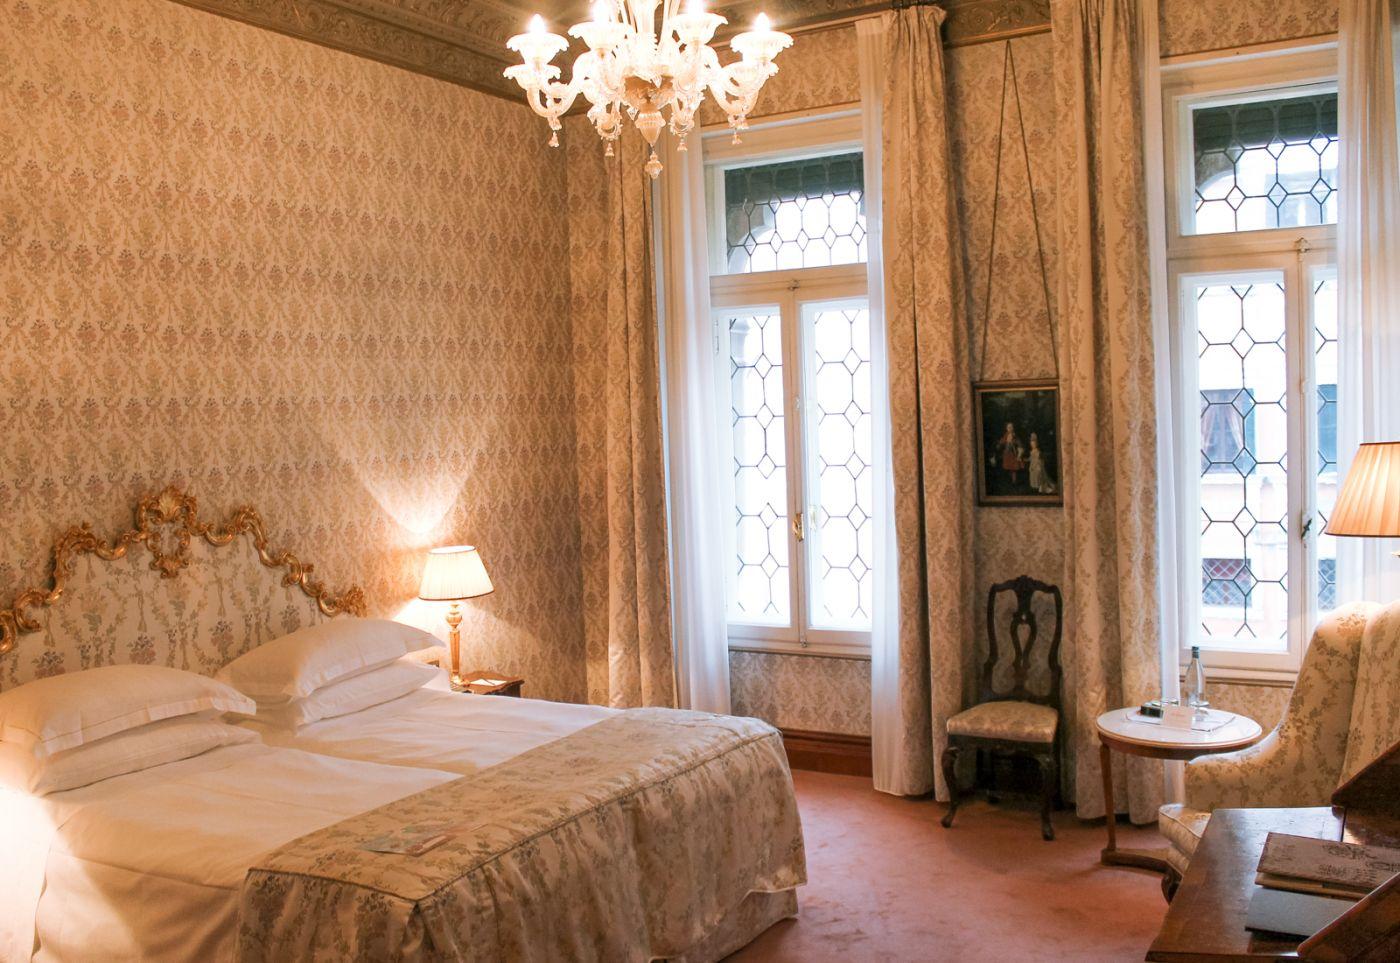 Deluxe Room Il Palazzo Bauer Venice